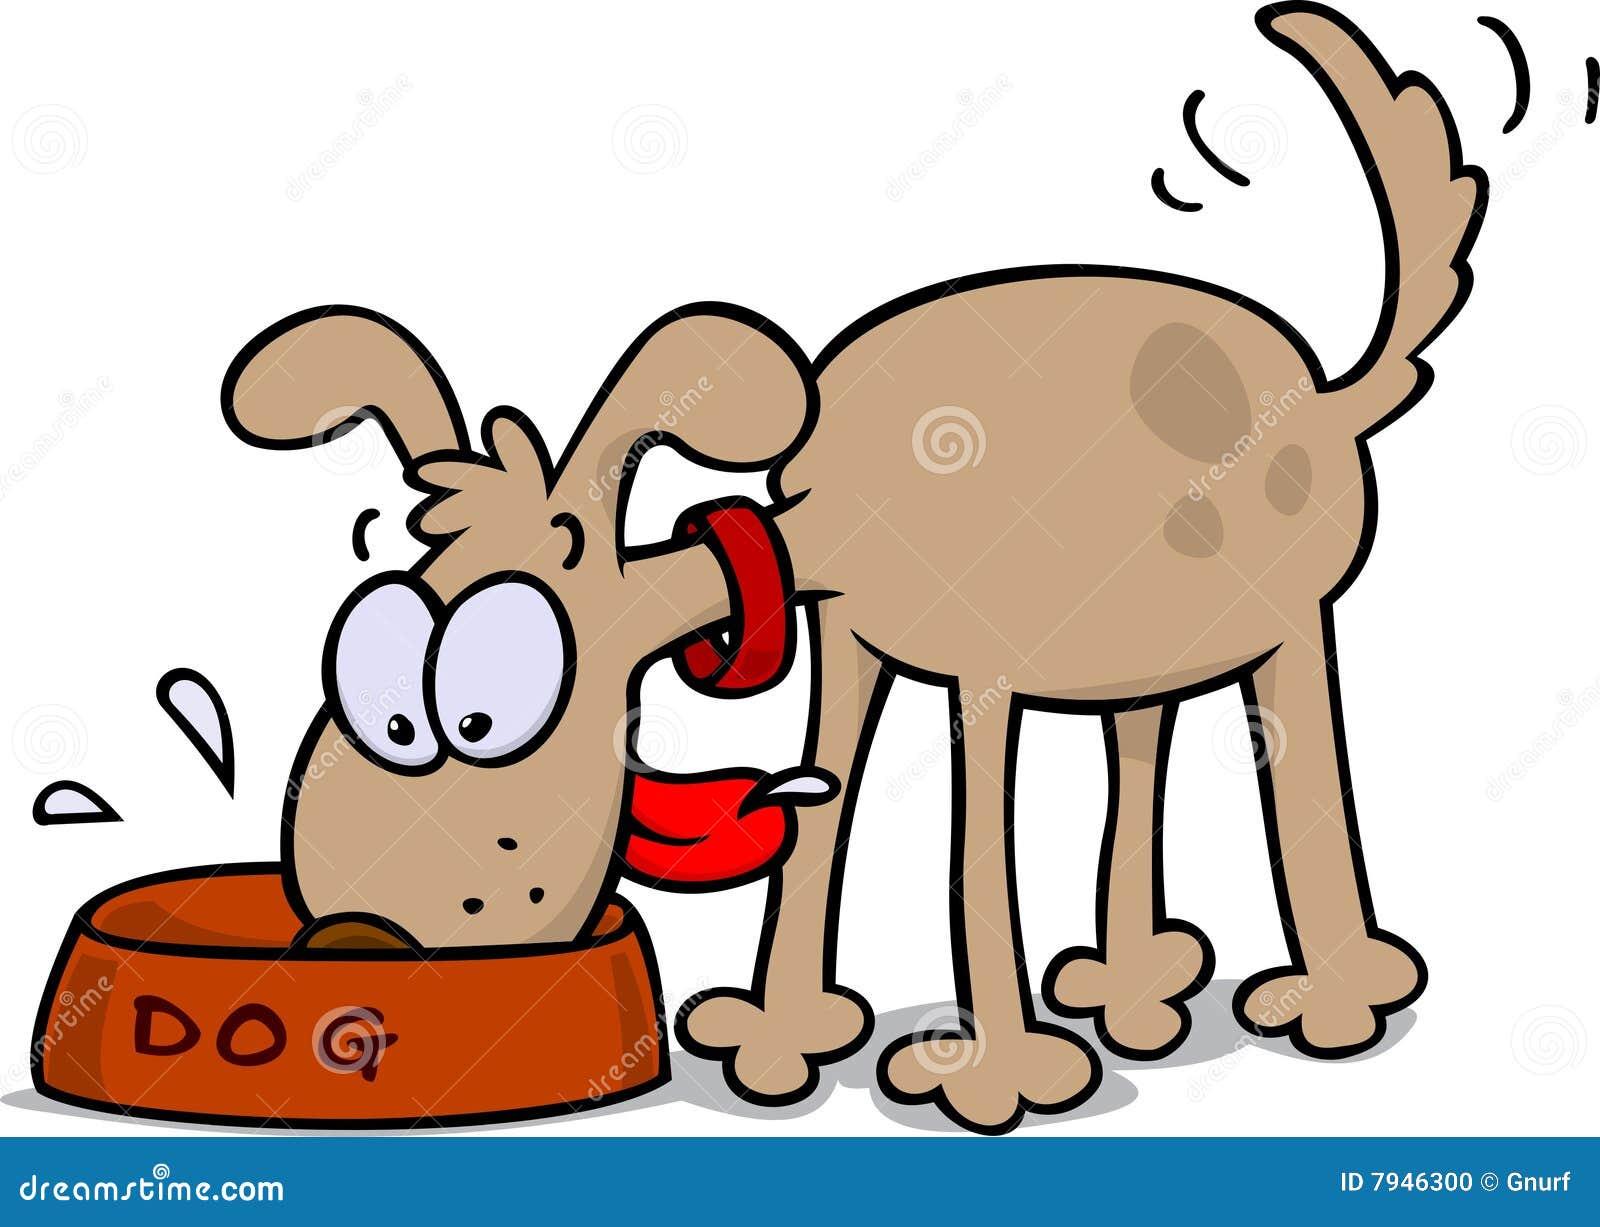 Dog Eating Food Cartoon